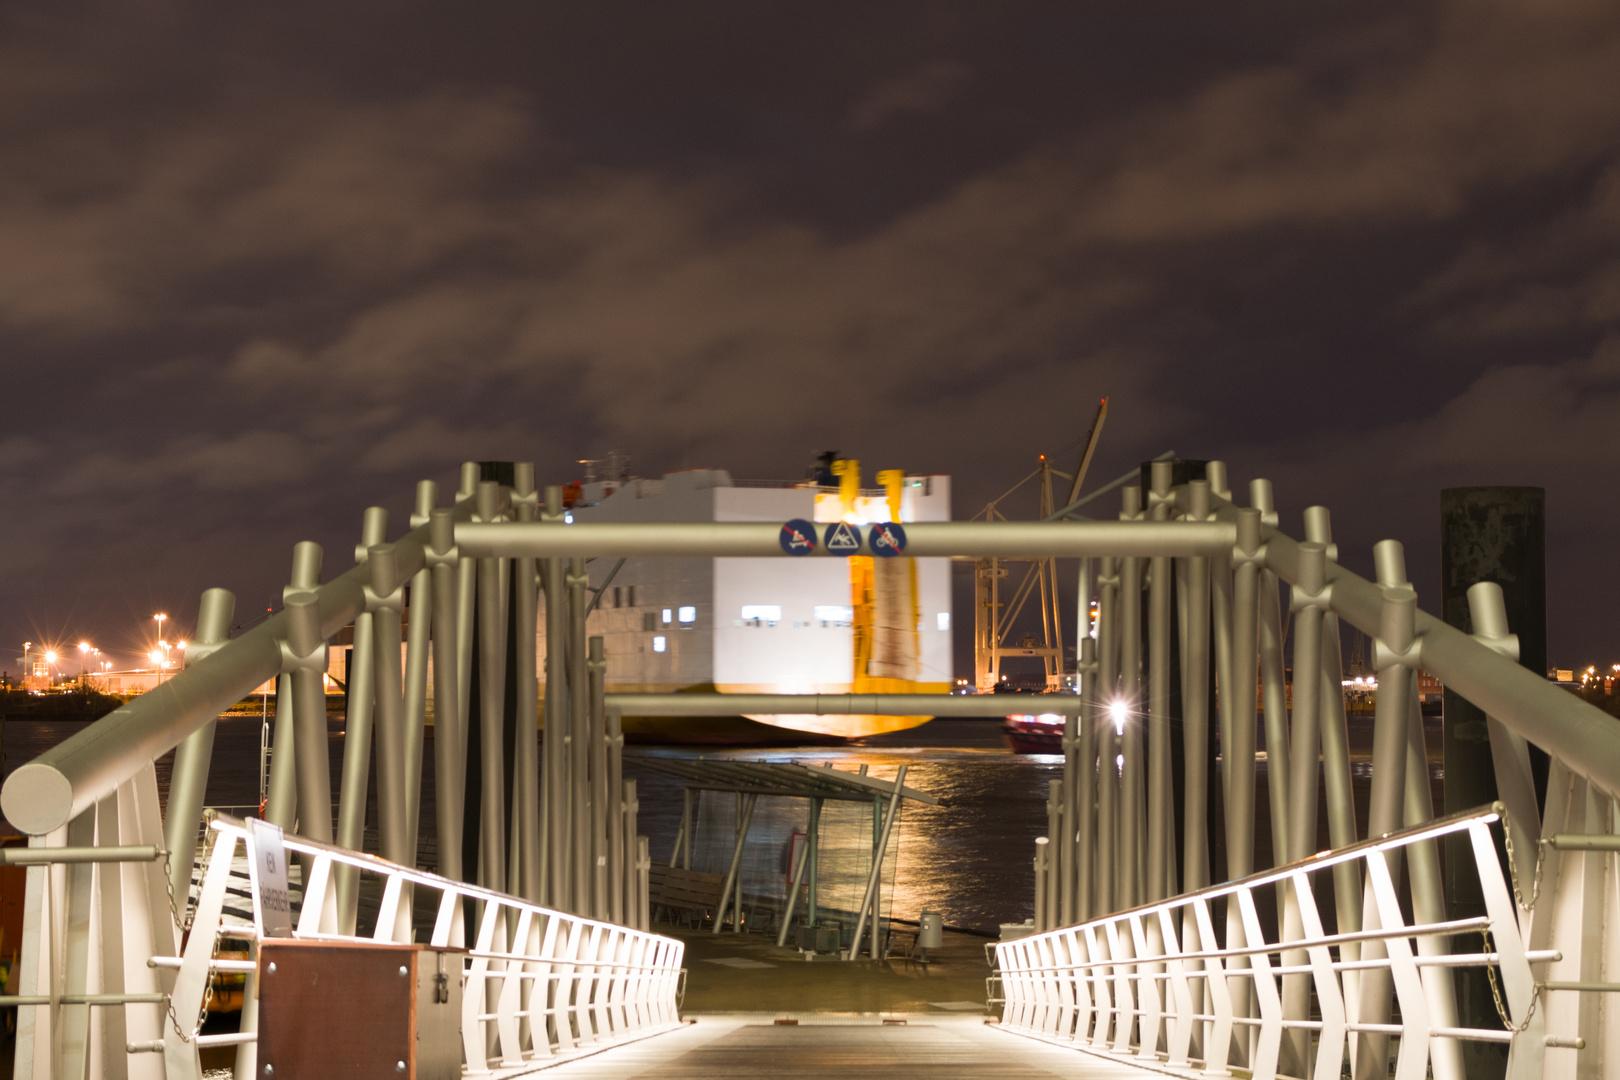 Anleger Elbphilharmonie mit Containerschiff